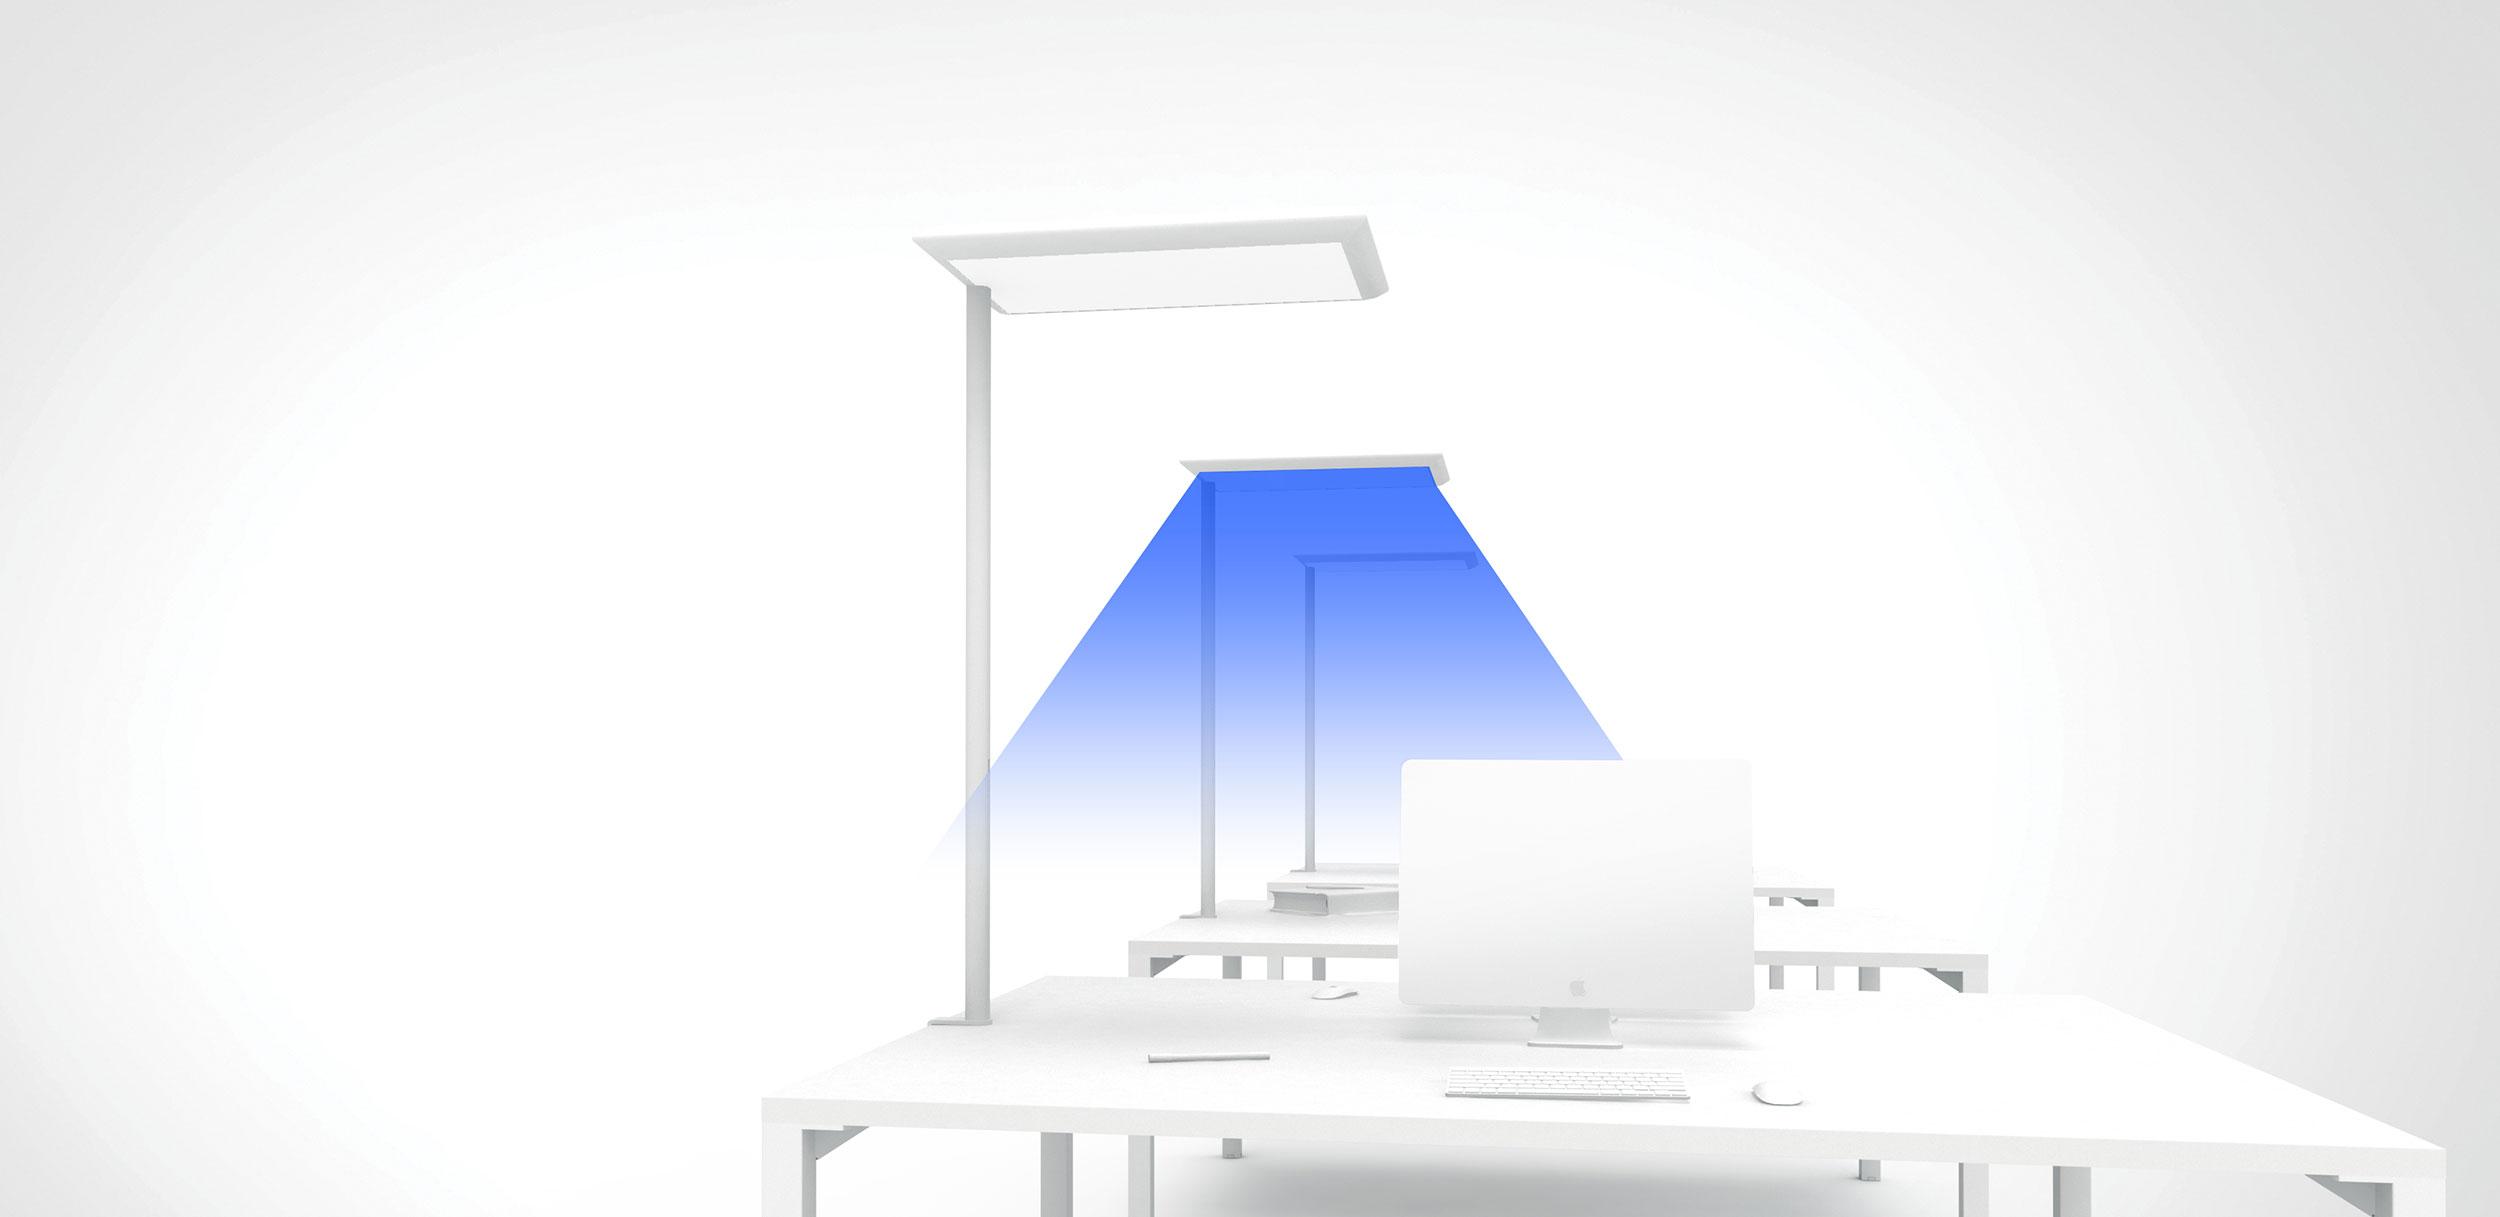 Une modélisation 3D d'un éclairage